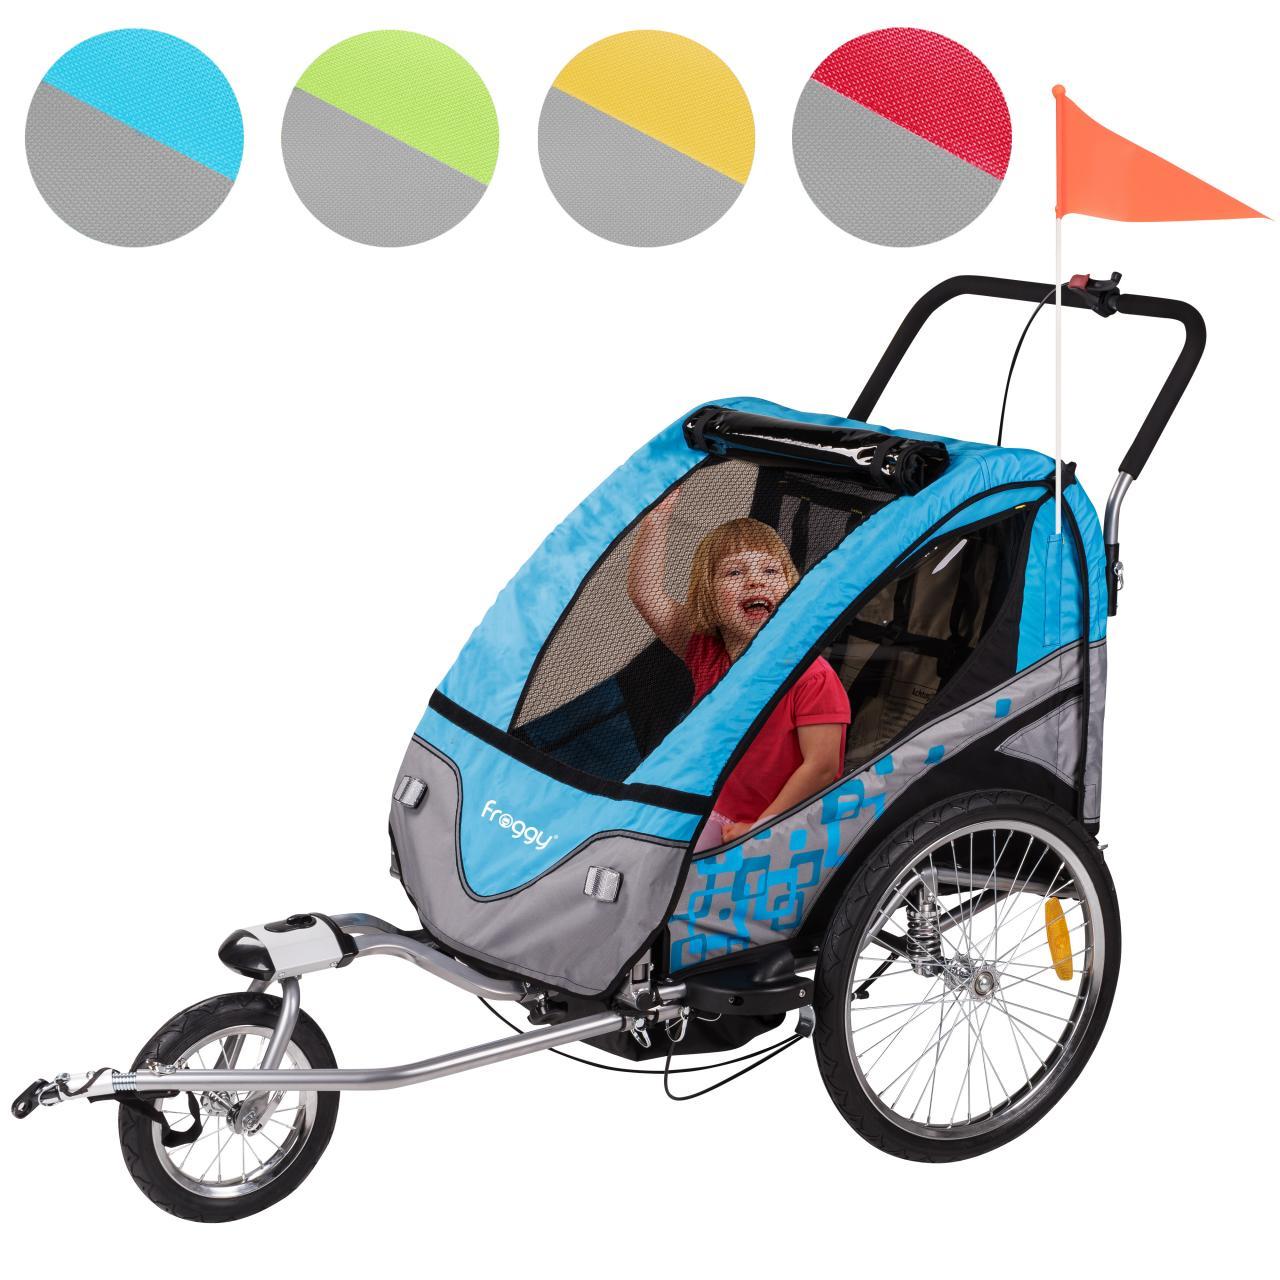 froggy baby kinder hochstuhl babystuhl kinderstuhl zusammenklappbar ebay. Black Bedroom Furniture Sets. Home Design Ideas